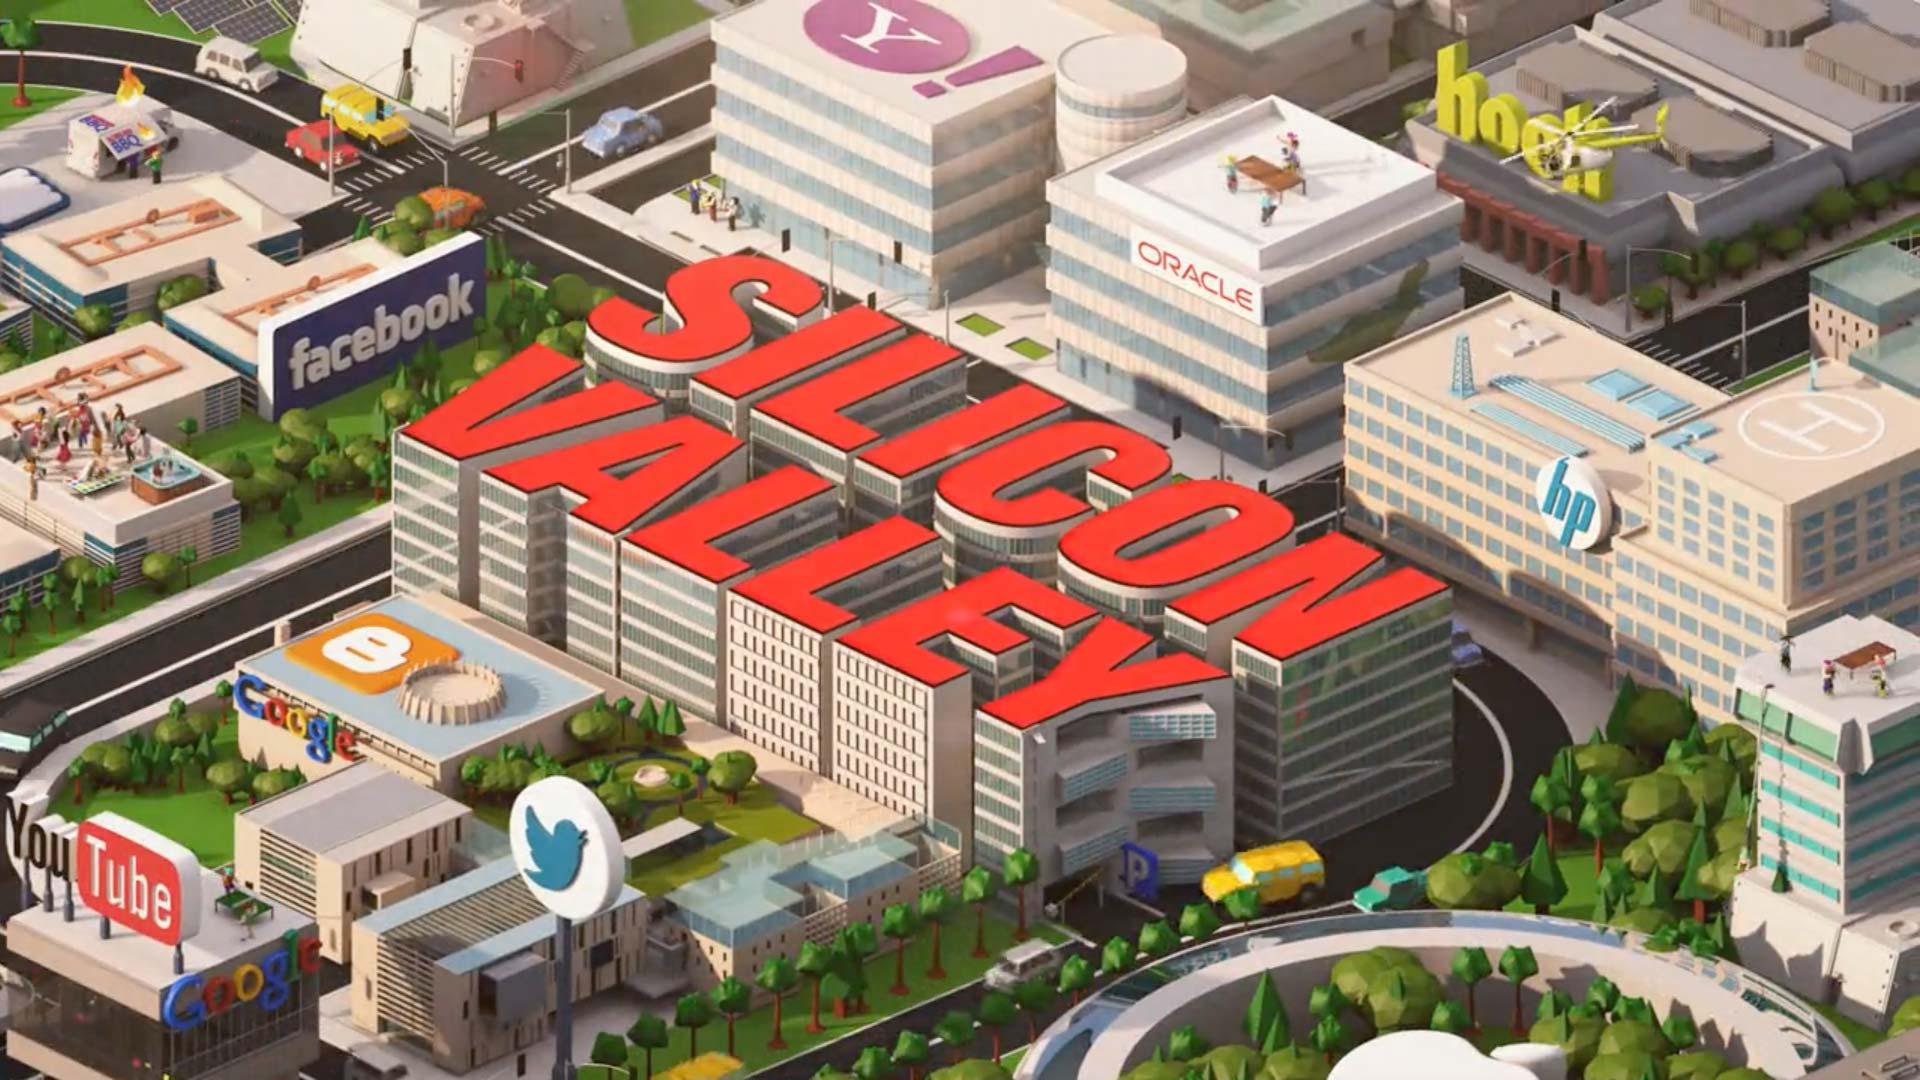 Конопени стартъпи в Силициевата долина